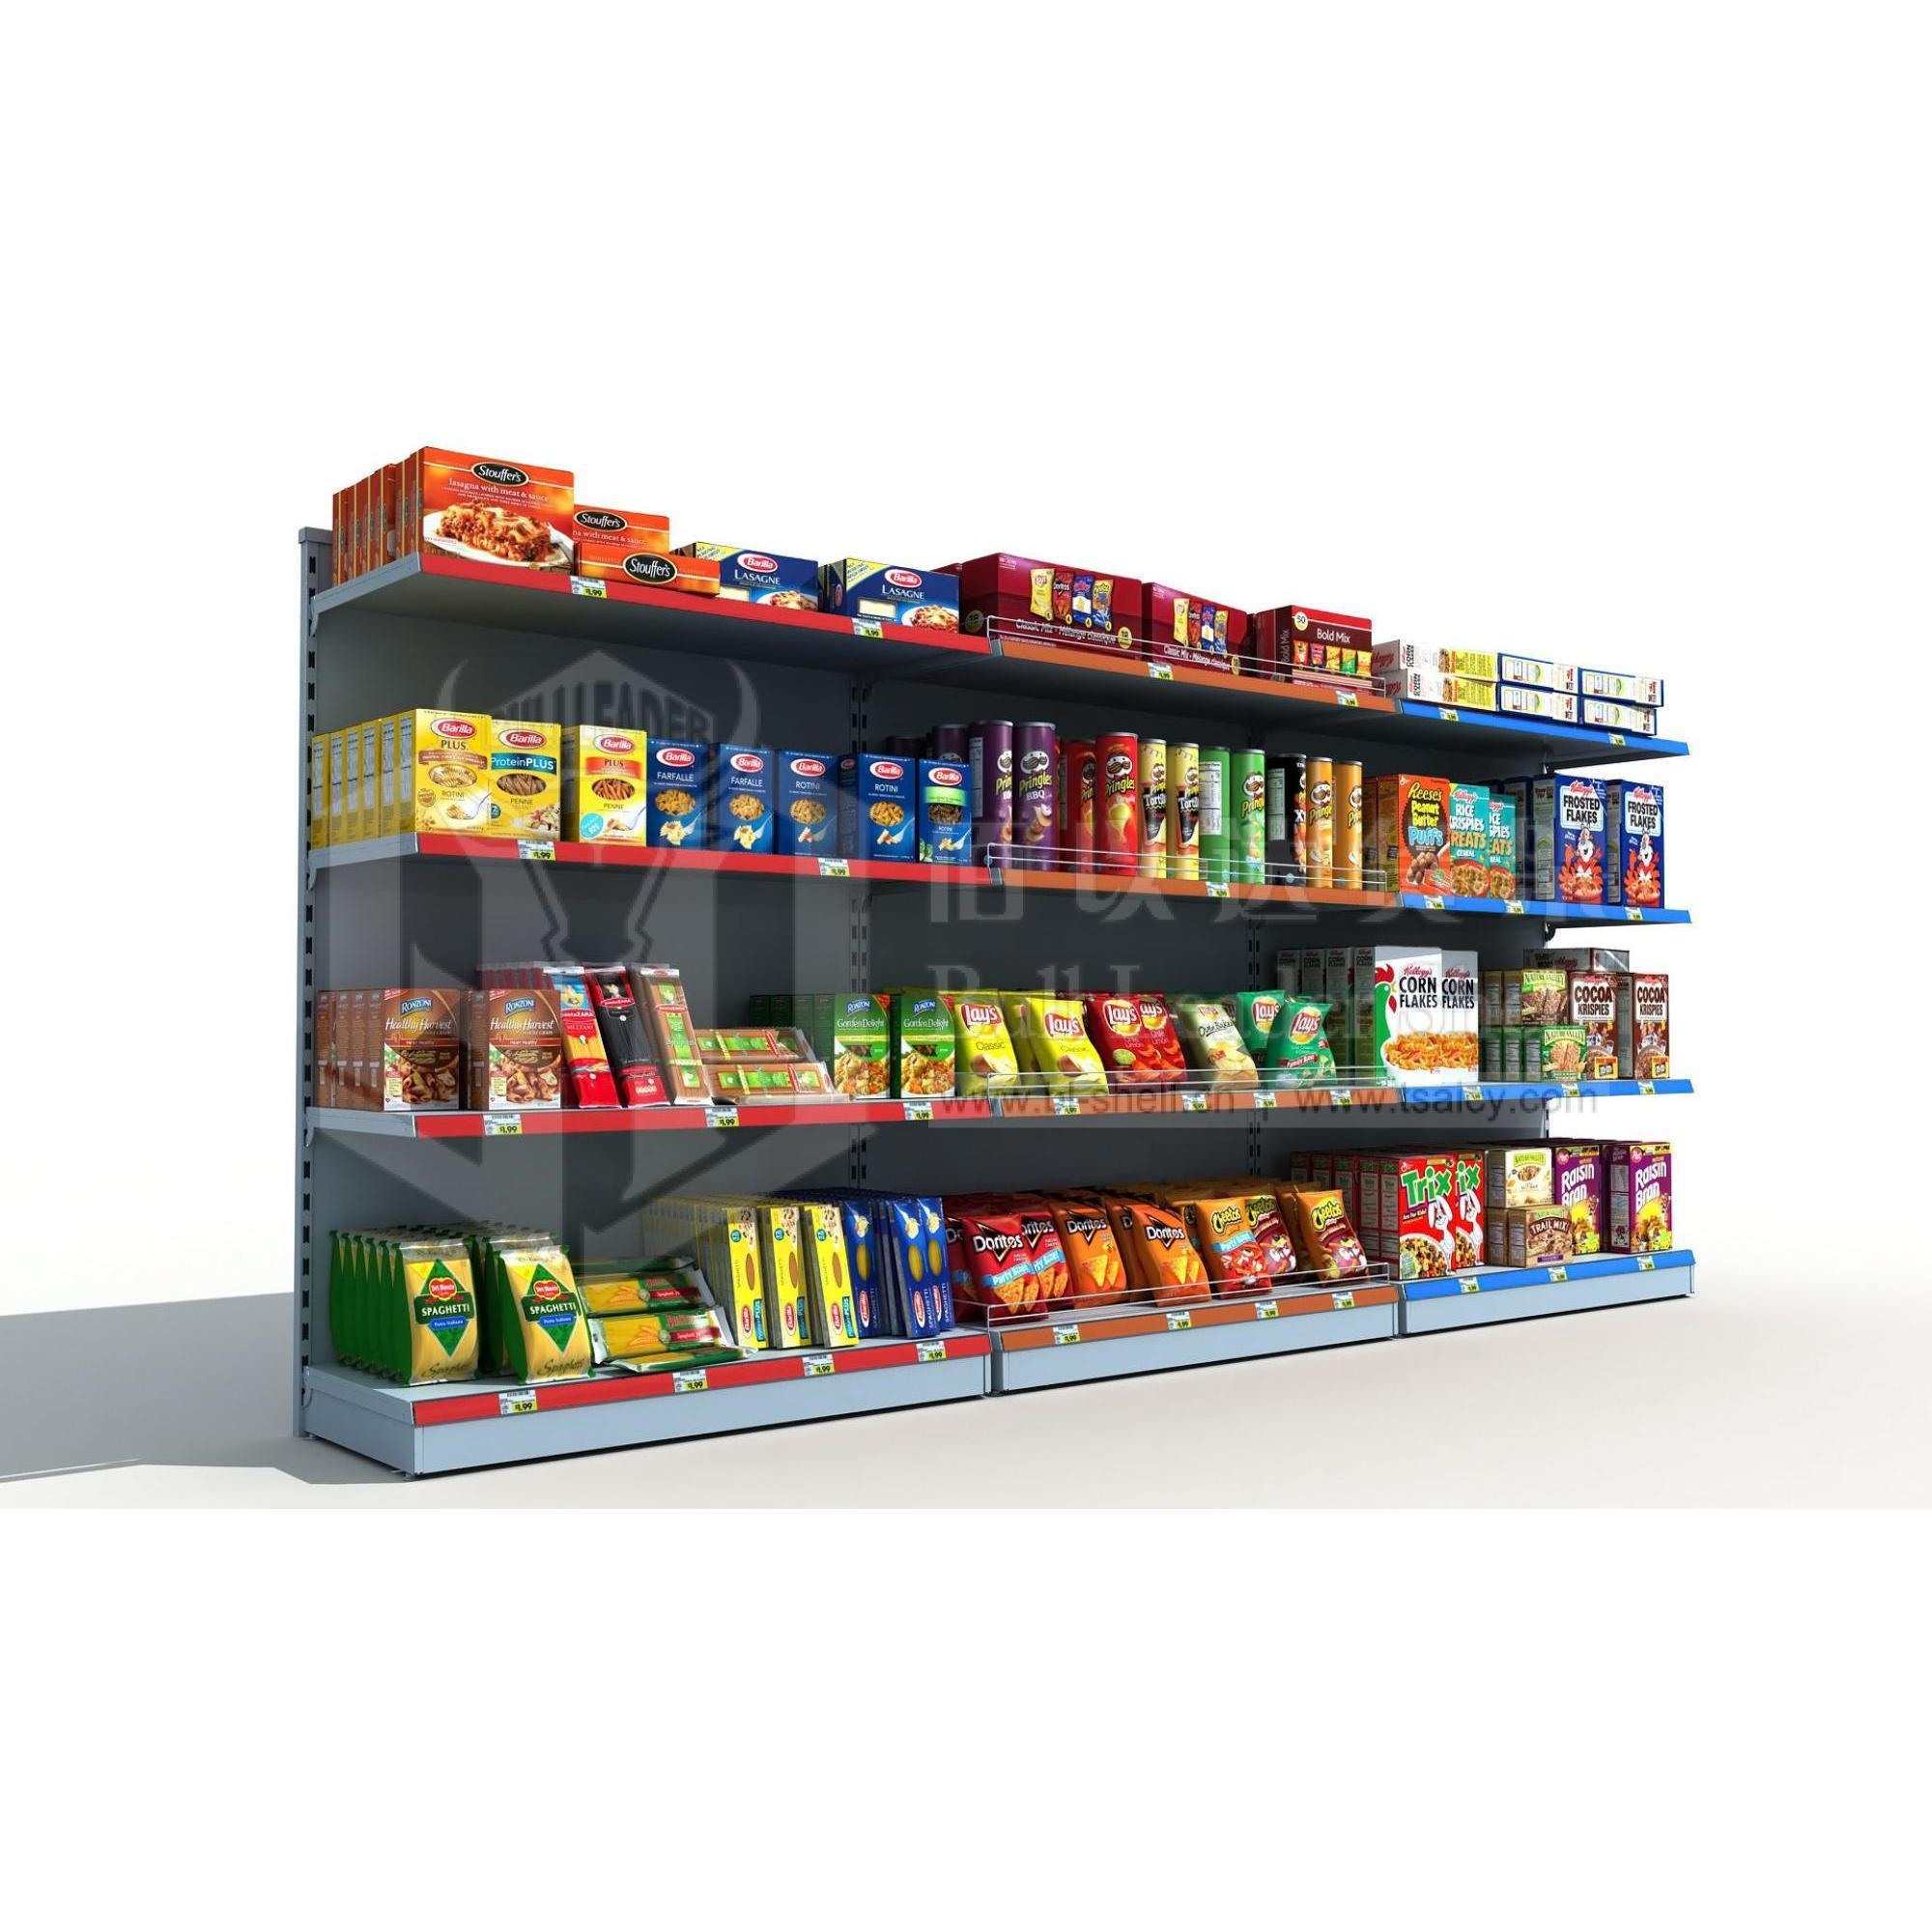 حار بيع سوبر ماركت جندول رفوف مع سعر قضبان Buy رف فولاذي سوبر ماركت جندول أرفف سوبر ماركت مستعملة معدات طبية حديثة Product On Alibaba Com